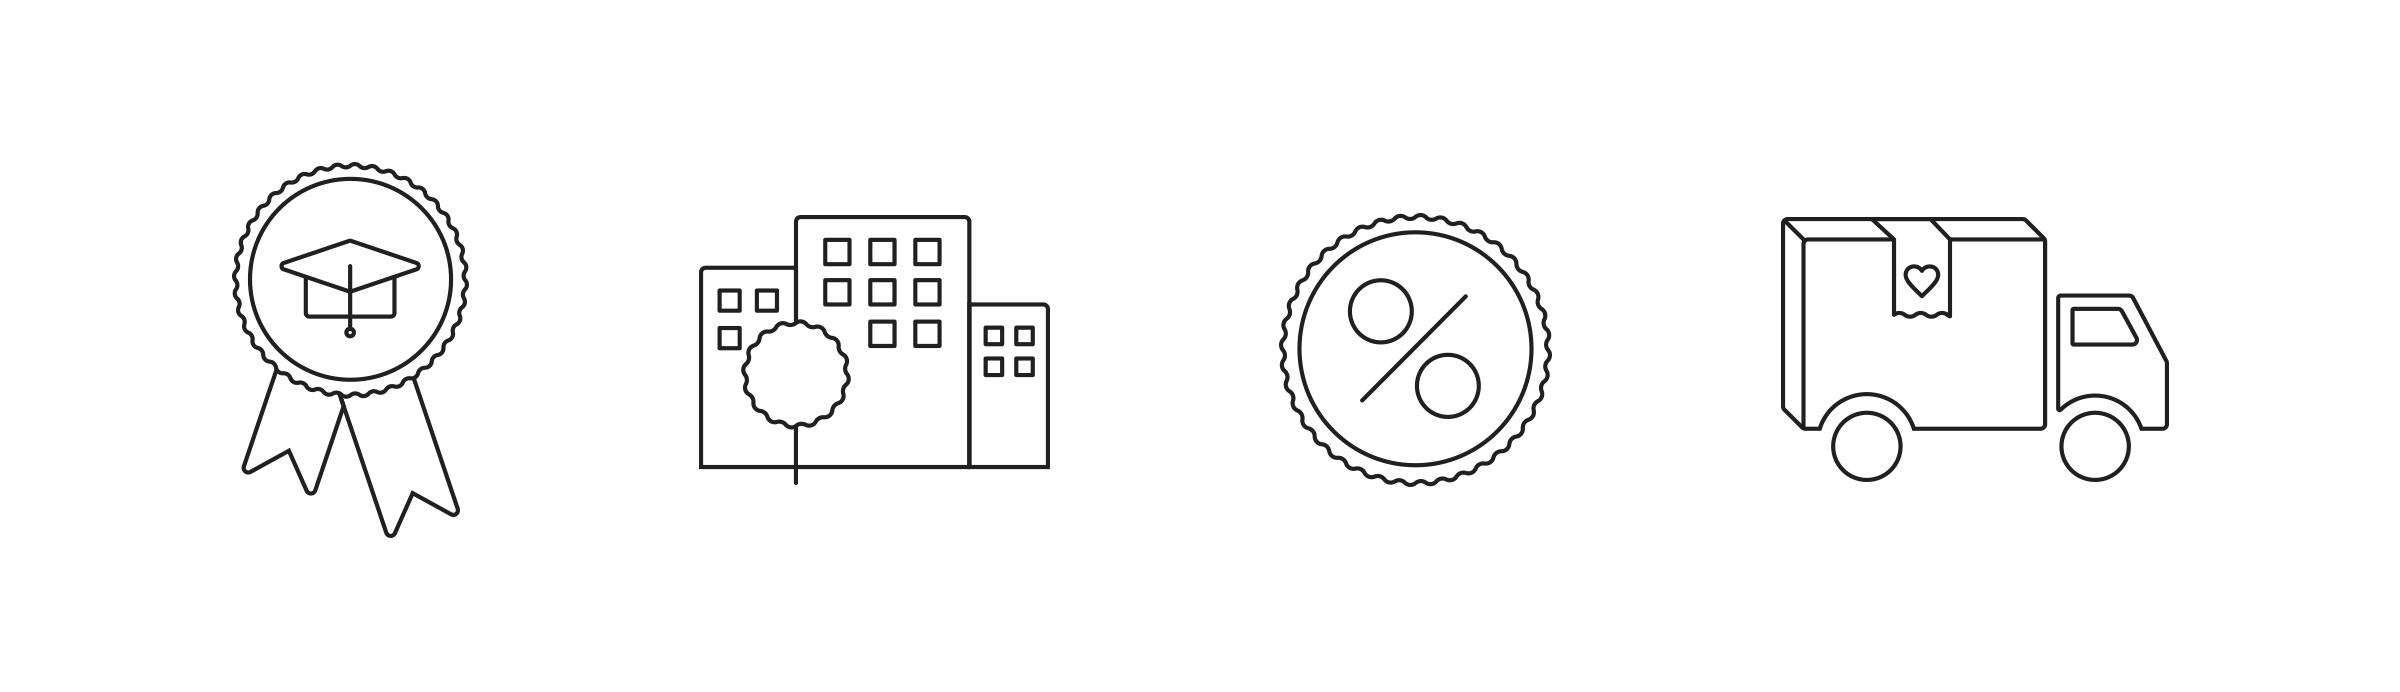 Ocm Icons Inline